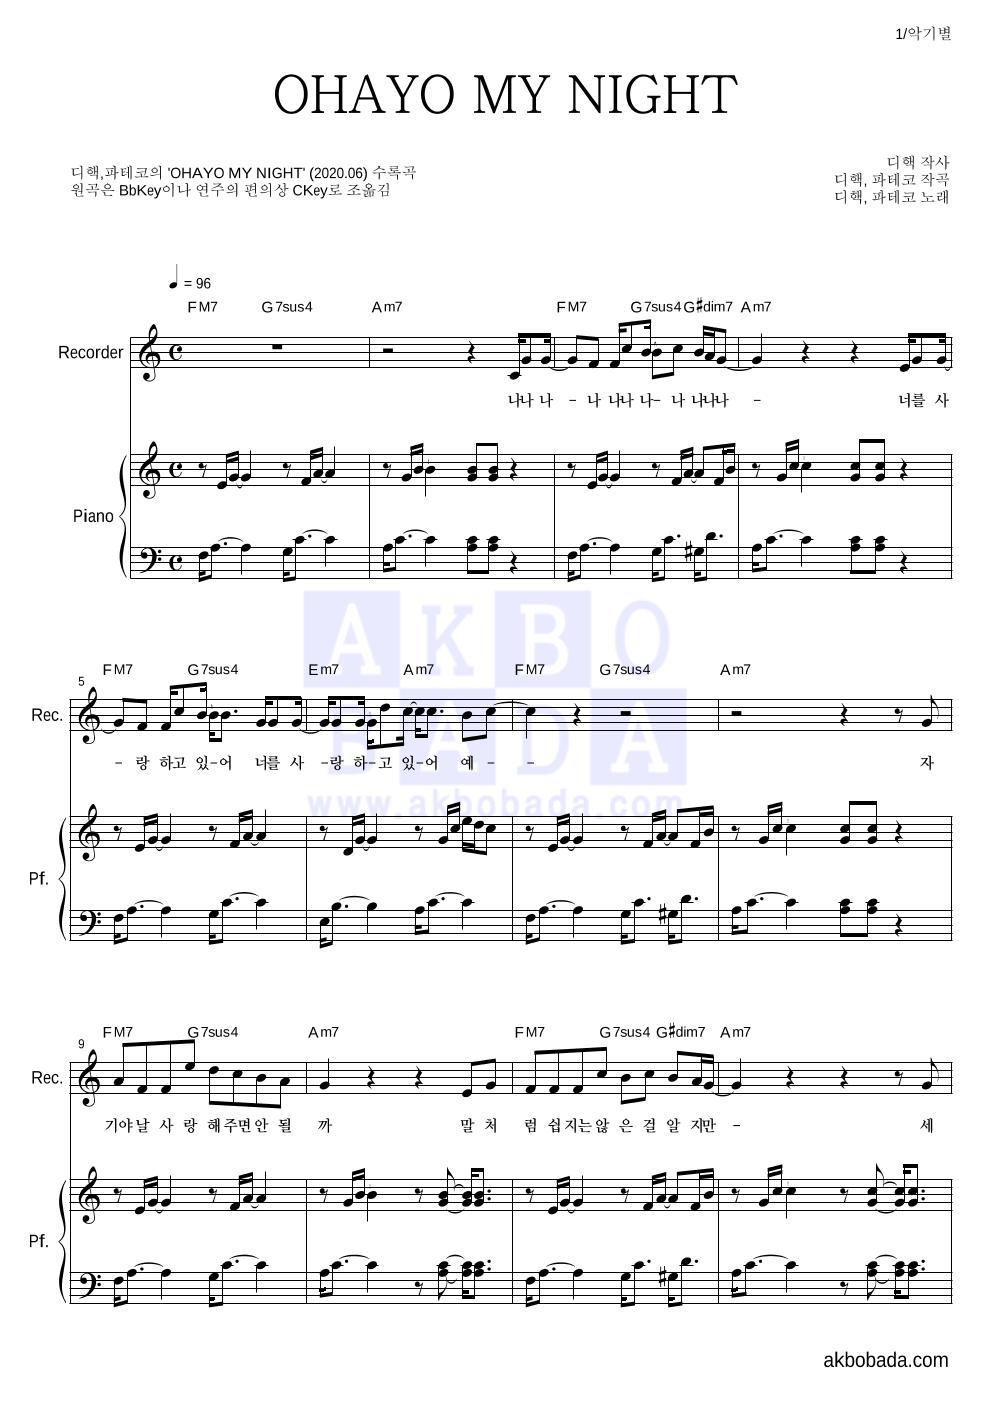 디핵,파테코 - OHAYO MY NIGHT 리코더&피아노 악보